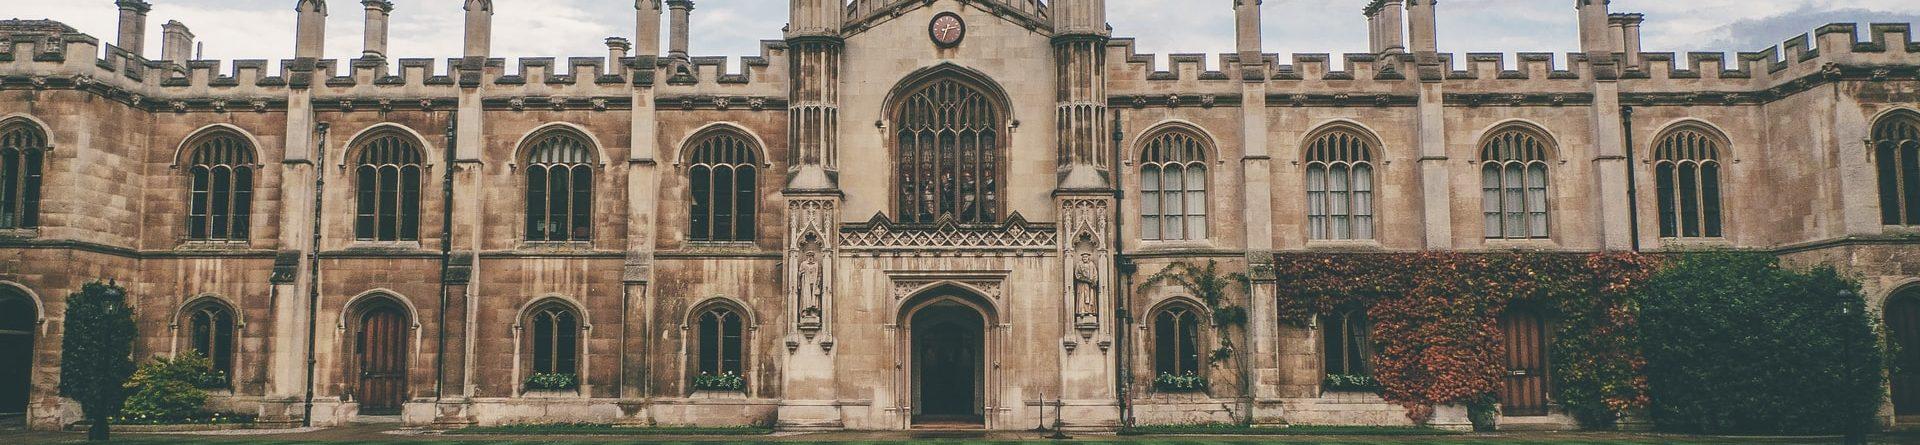 Como escolher uma universidade?